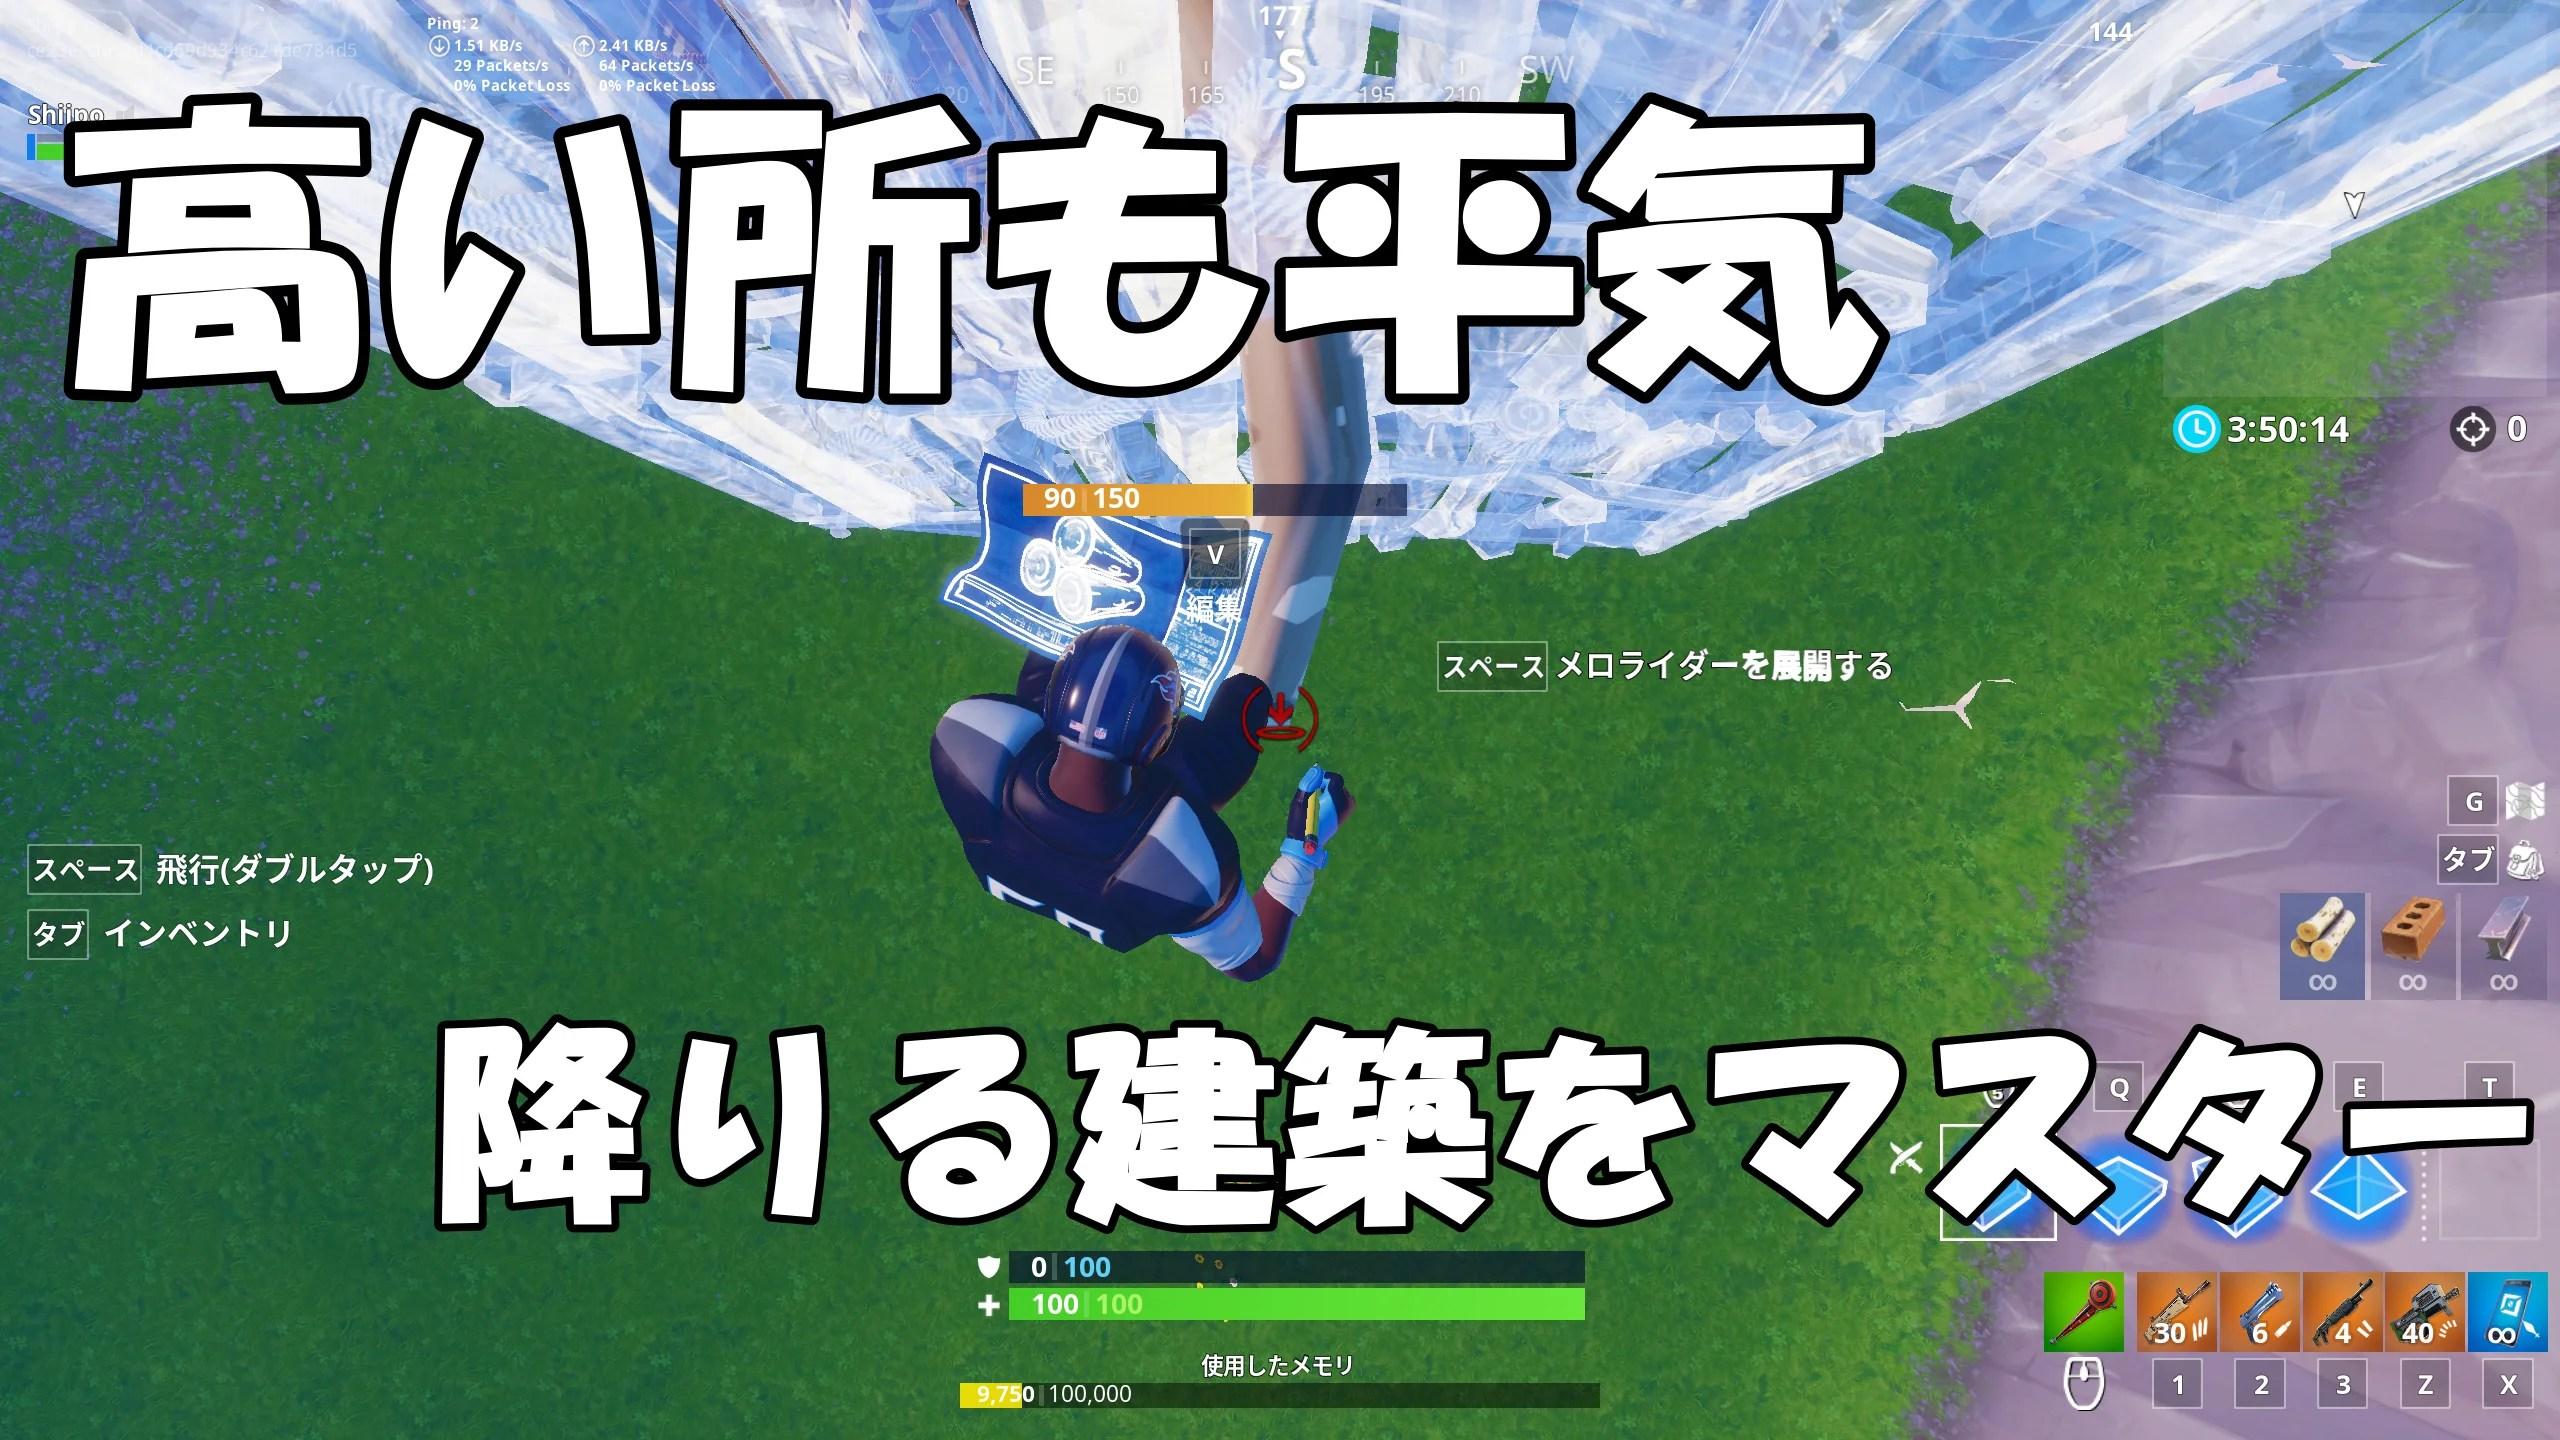 【フォートナイト】降りながら建築する方法!